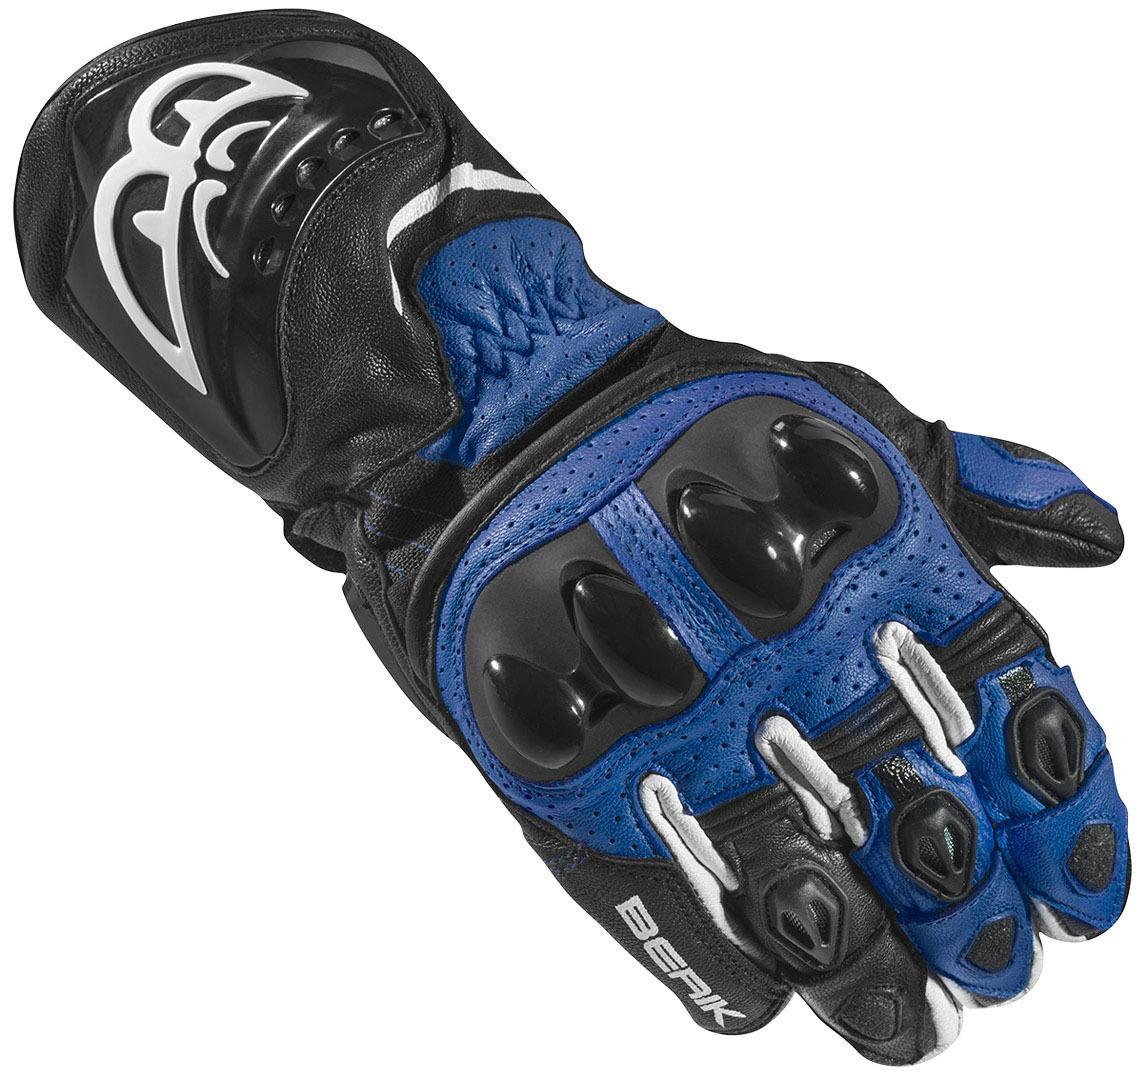 Berik Spa Evo Motorcykel handskar Svart Blå M